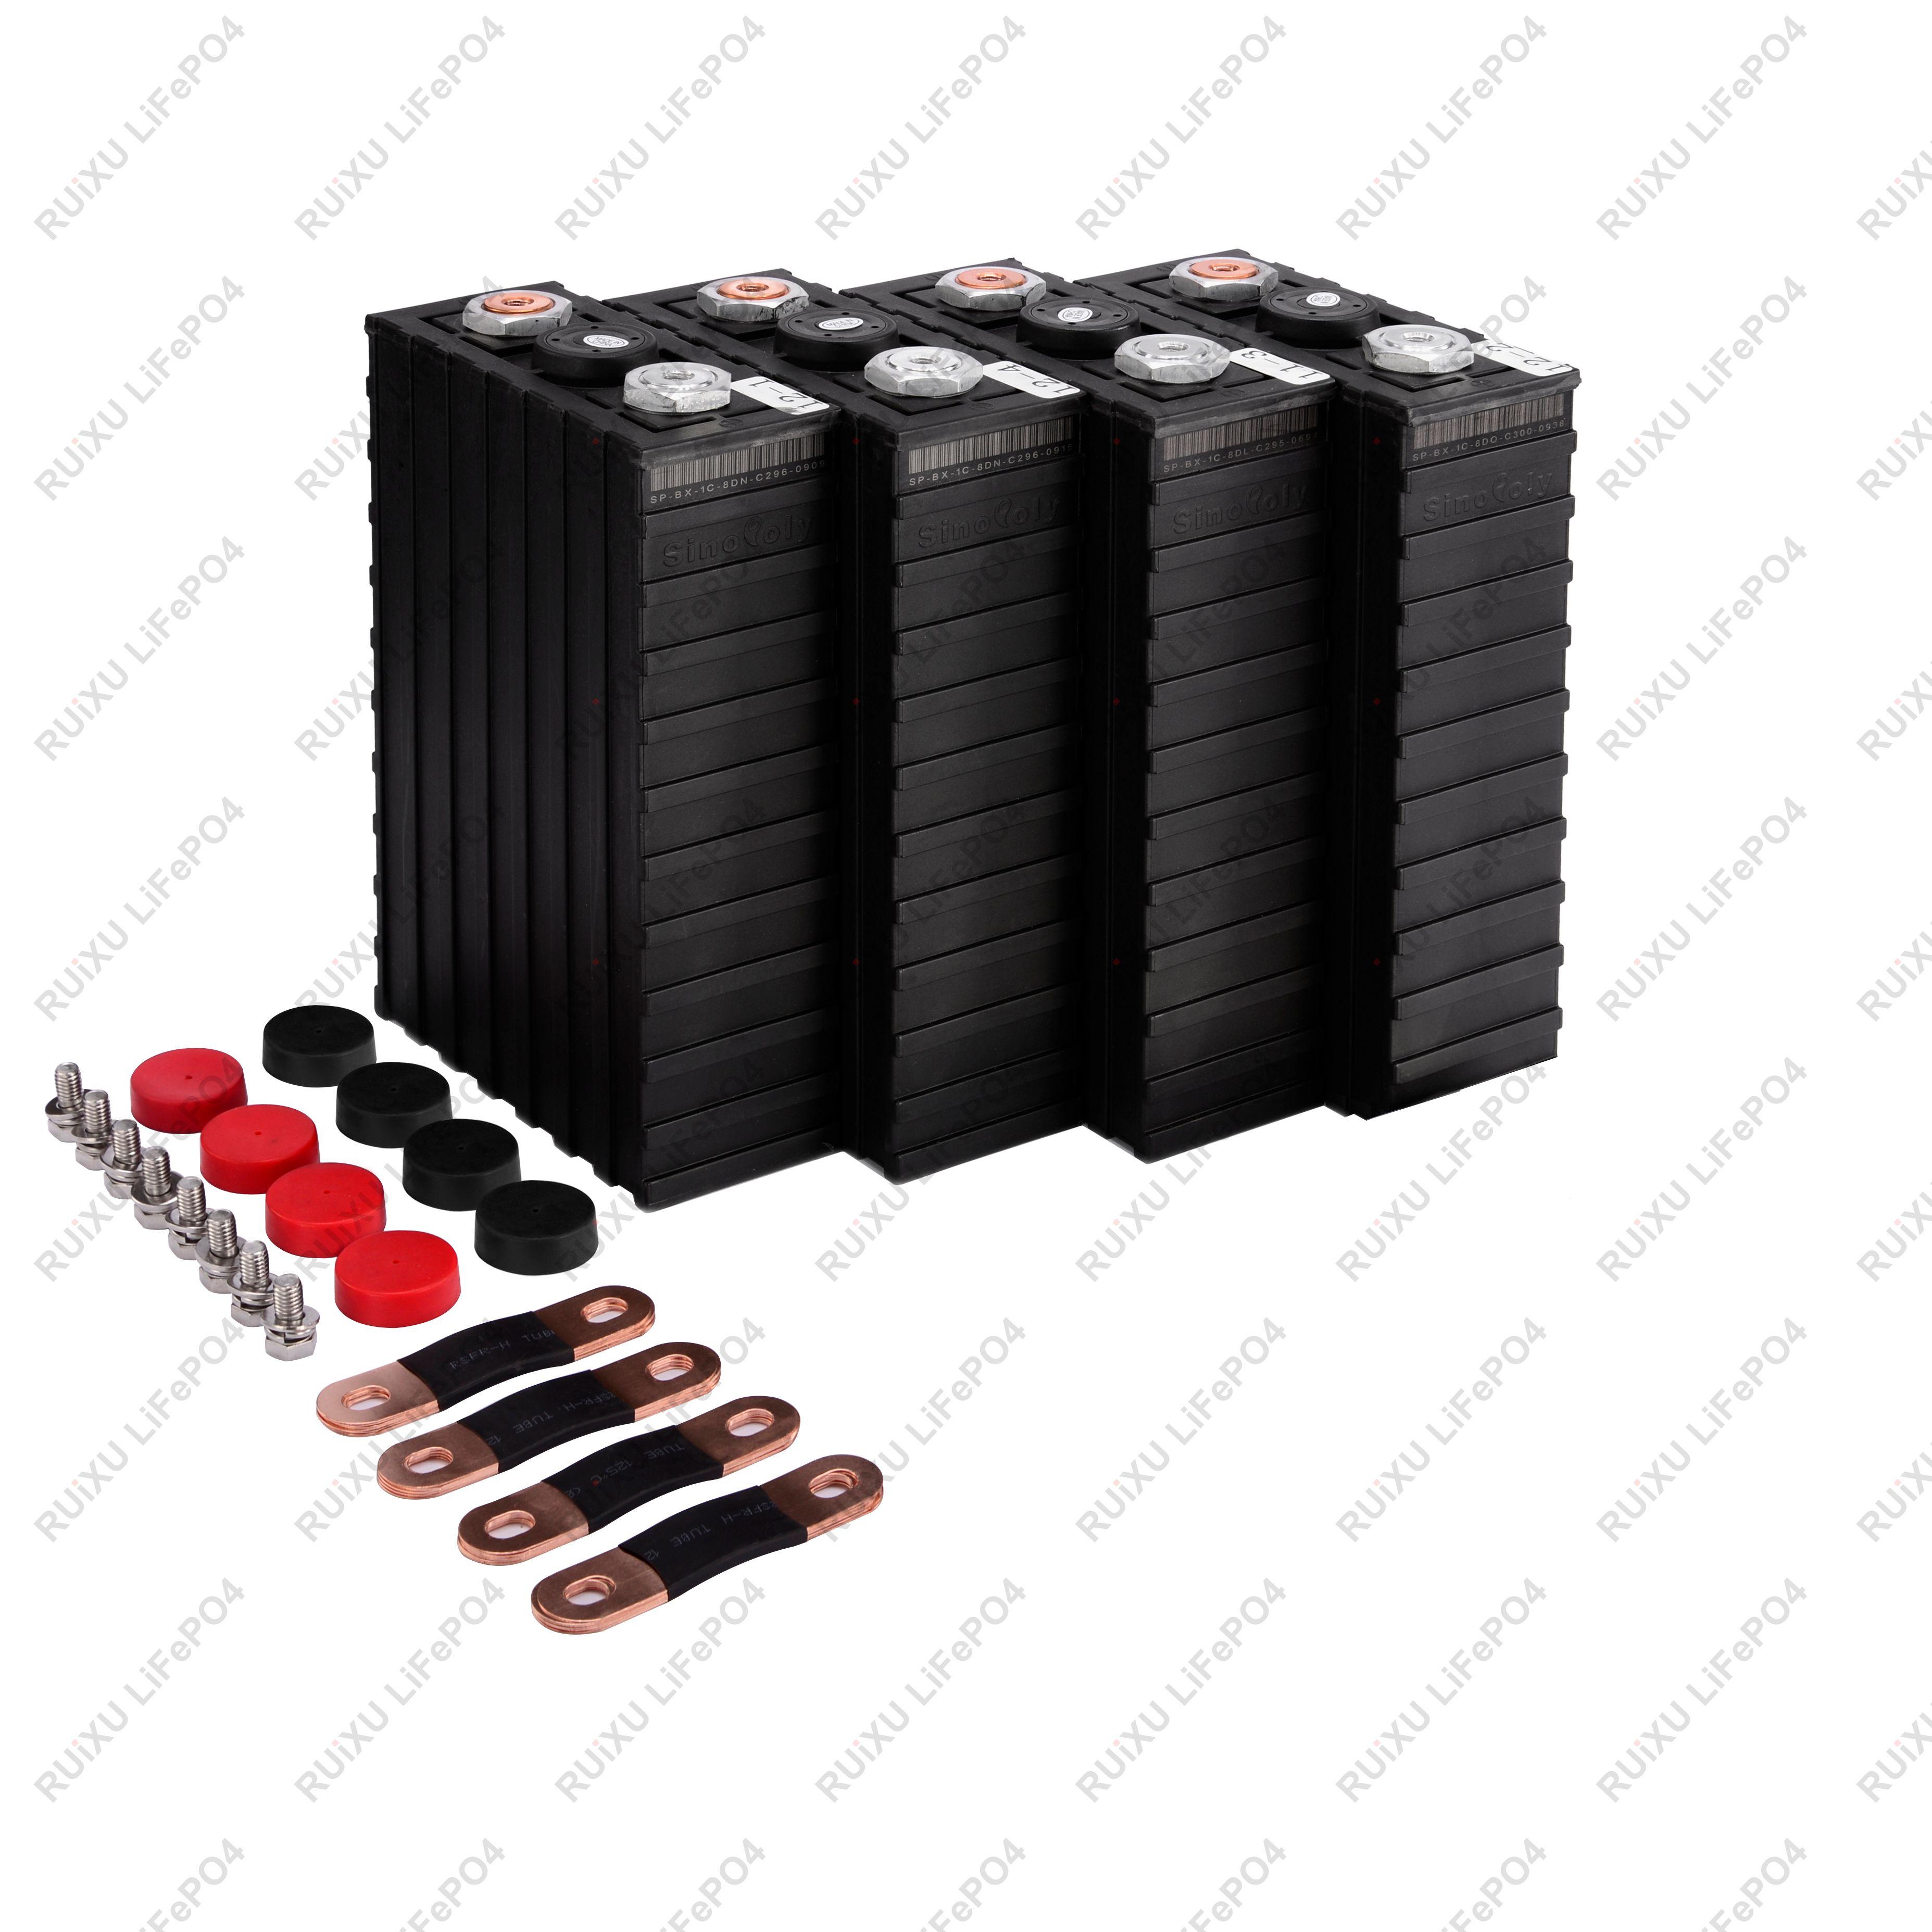 Sinopoly 12V 100Ah Lithium-Eisen Phosphat Batterie Pack, Licht Gewicht LiFePO4 Batterie für RV, Solar, Marine